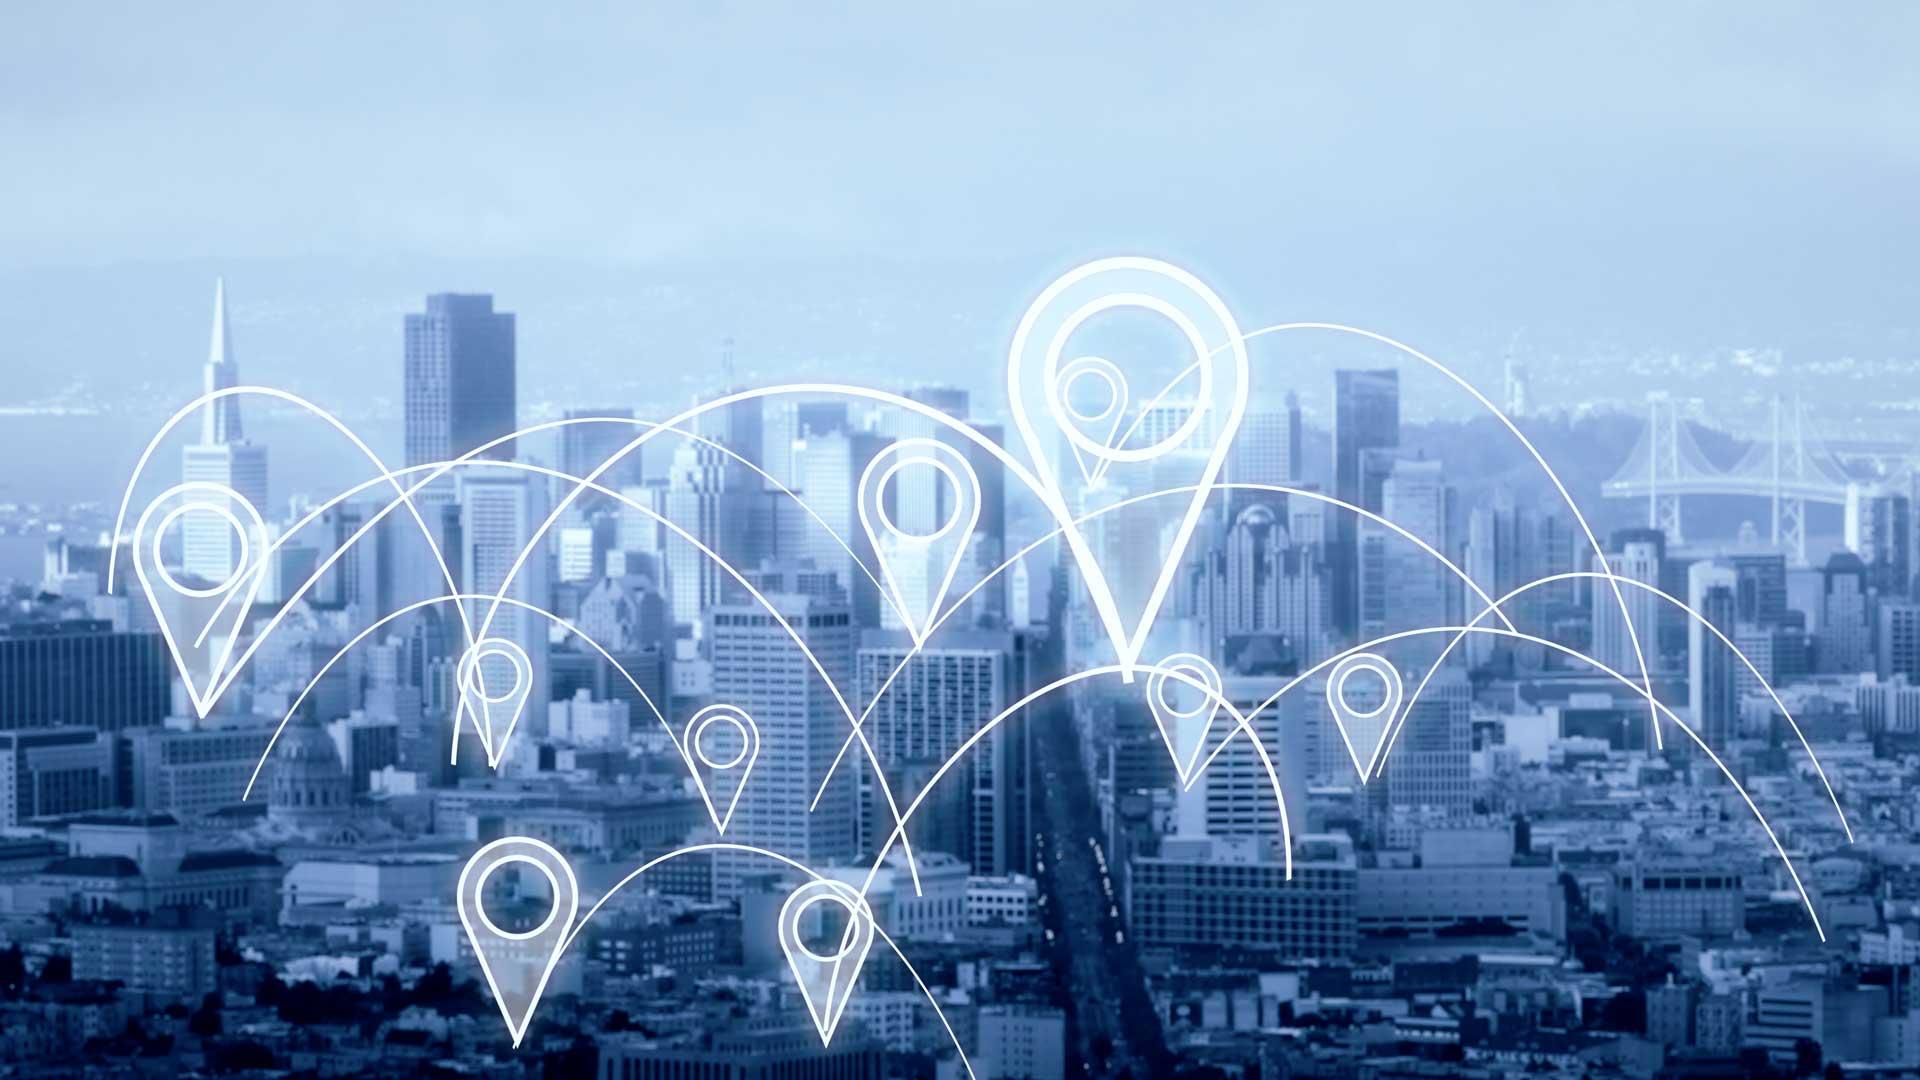 Find & Order géolocalisation